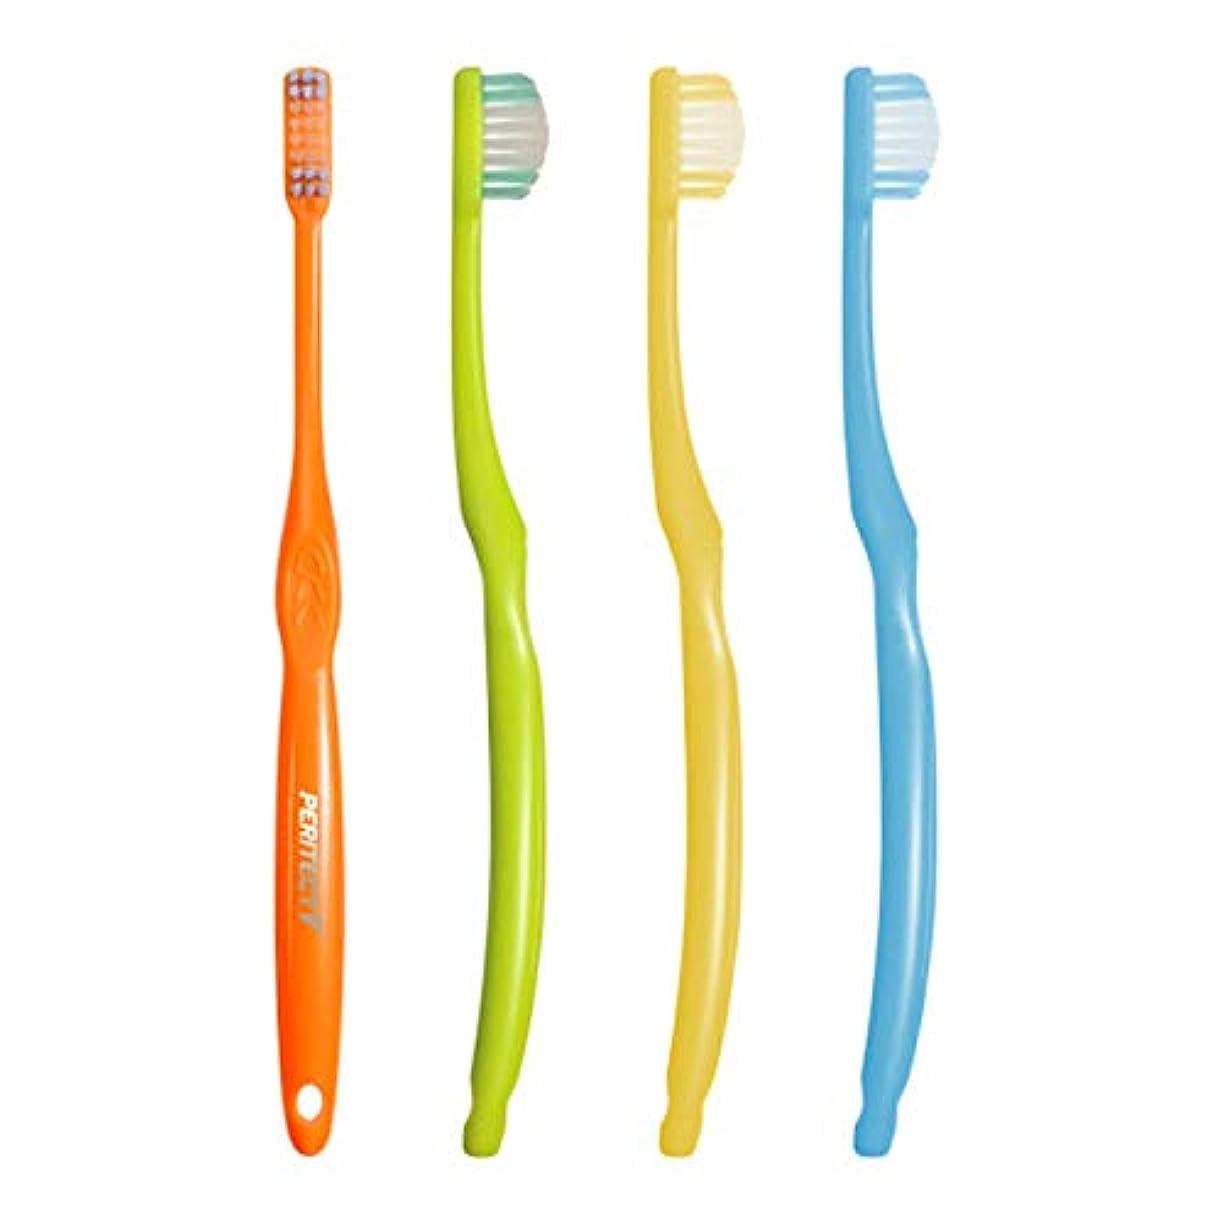 置き場逆に専門知識ビーブランド PERITECT V ペリテクト ブイ 8M(ふつう)×1本 歯ブラシ 歯科専売品